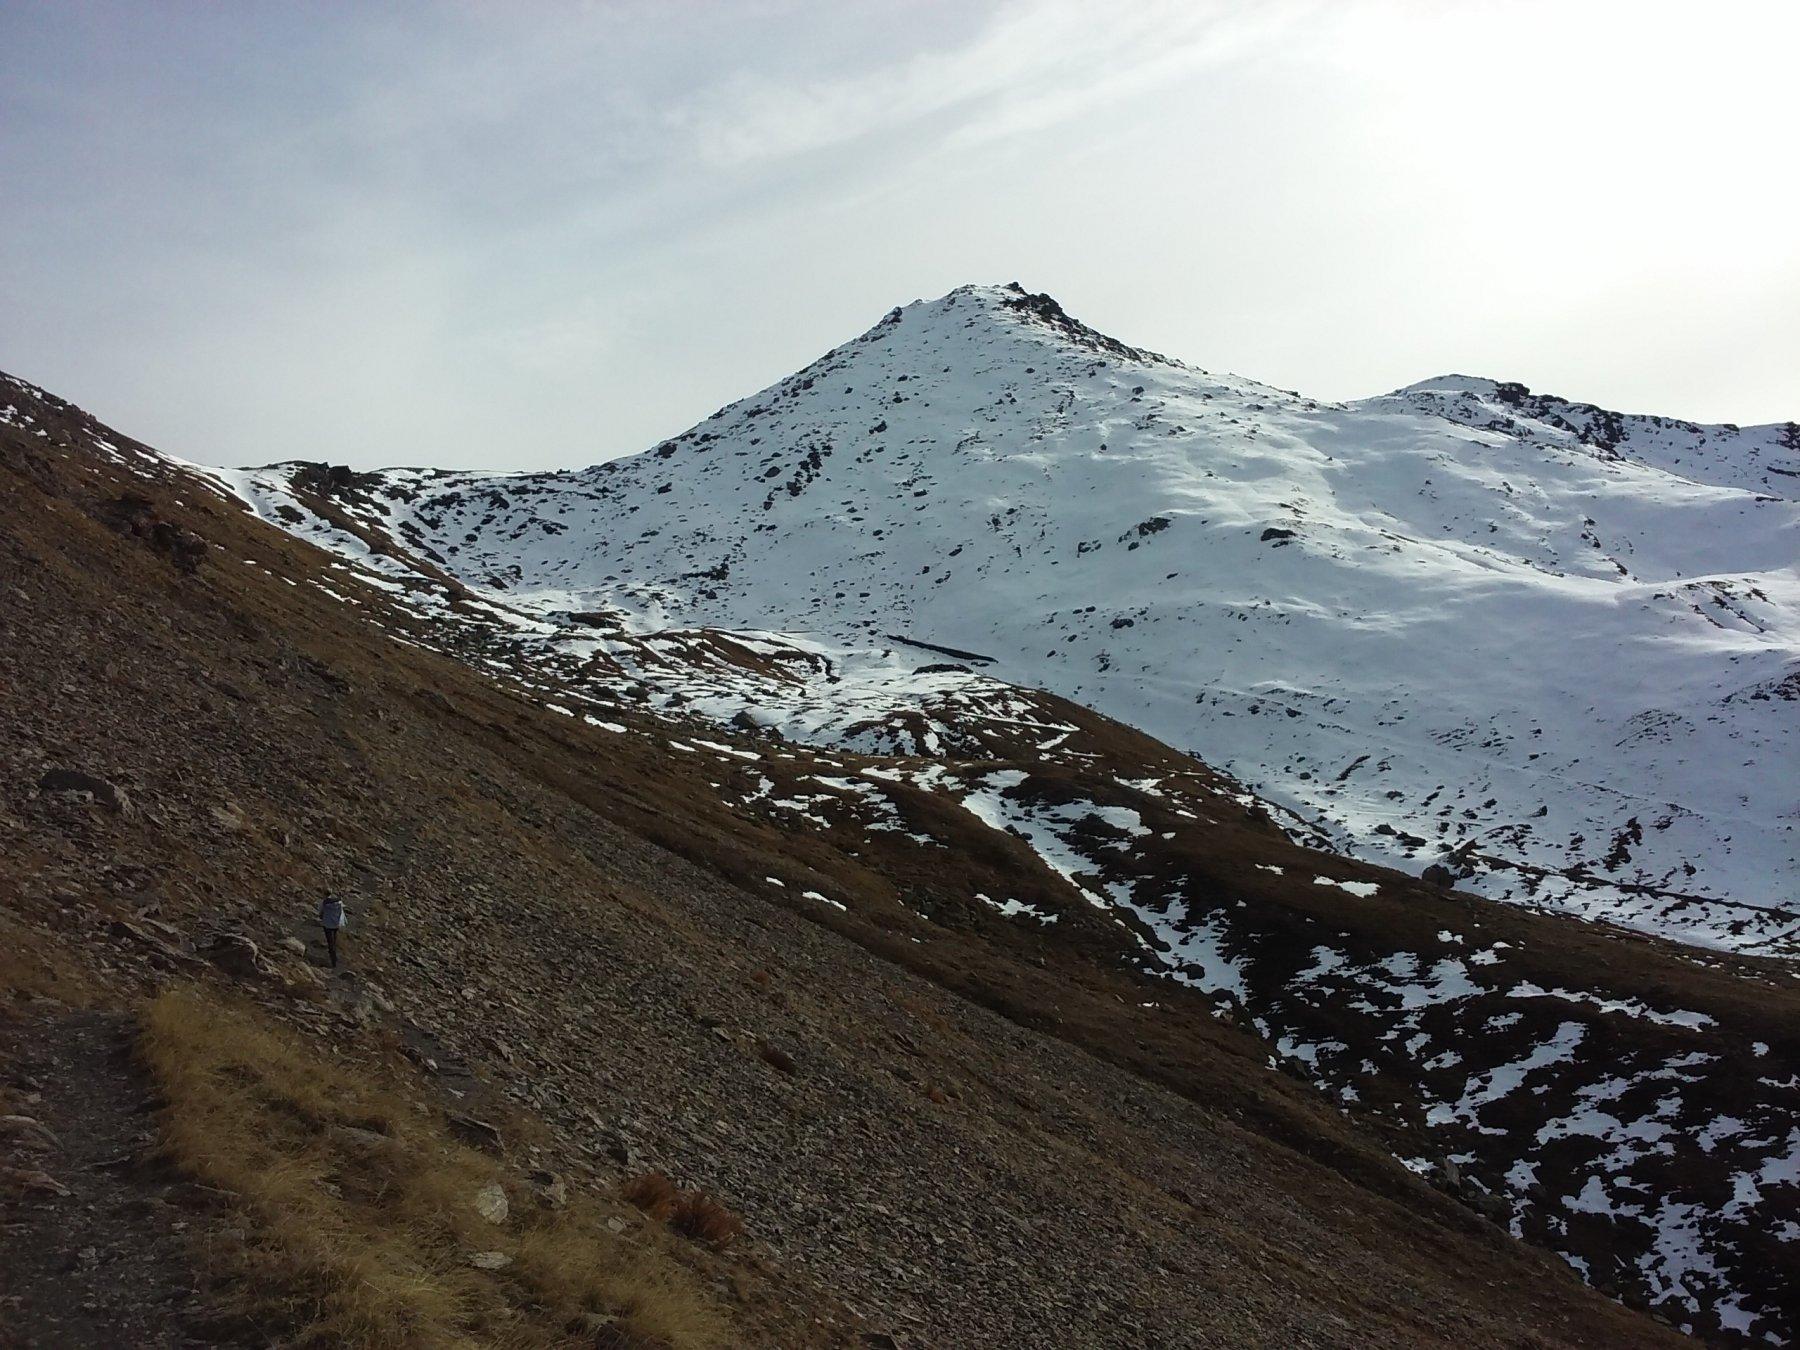 A sinistra il colle del Beth e in centro la cima, dalla mulattiera di salita.